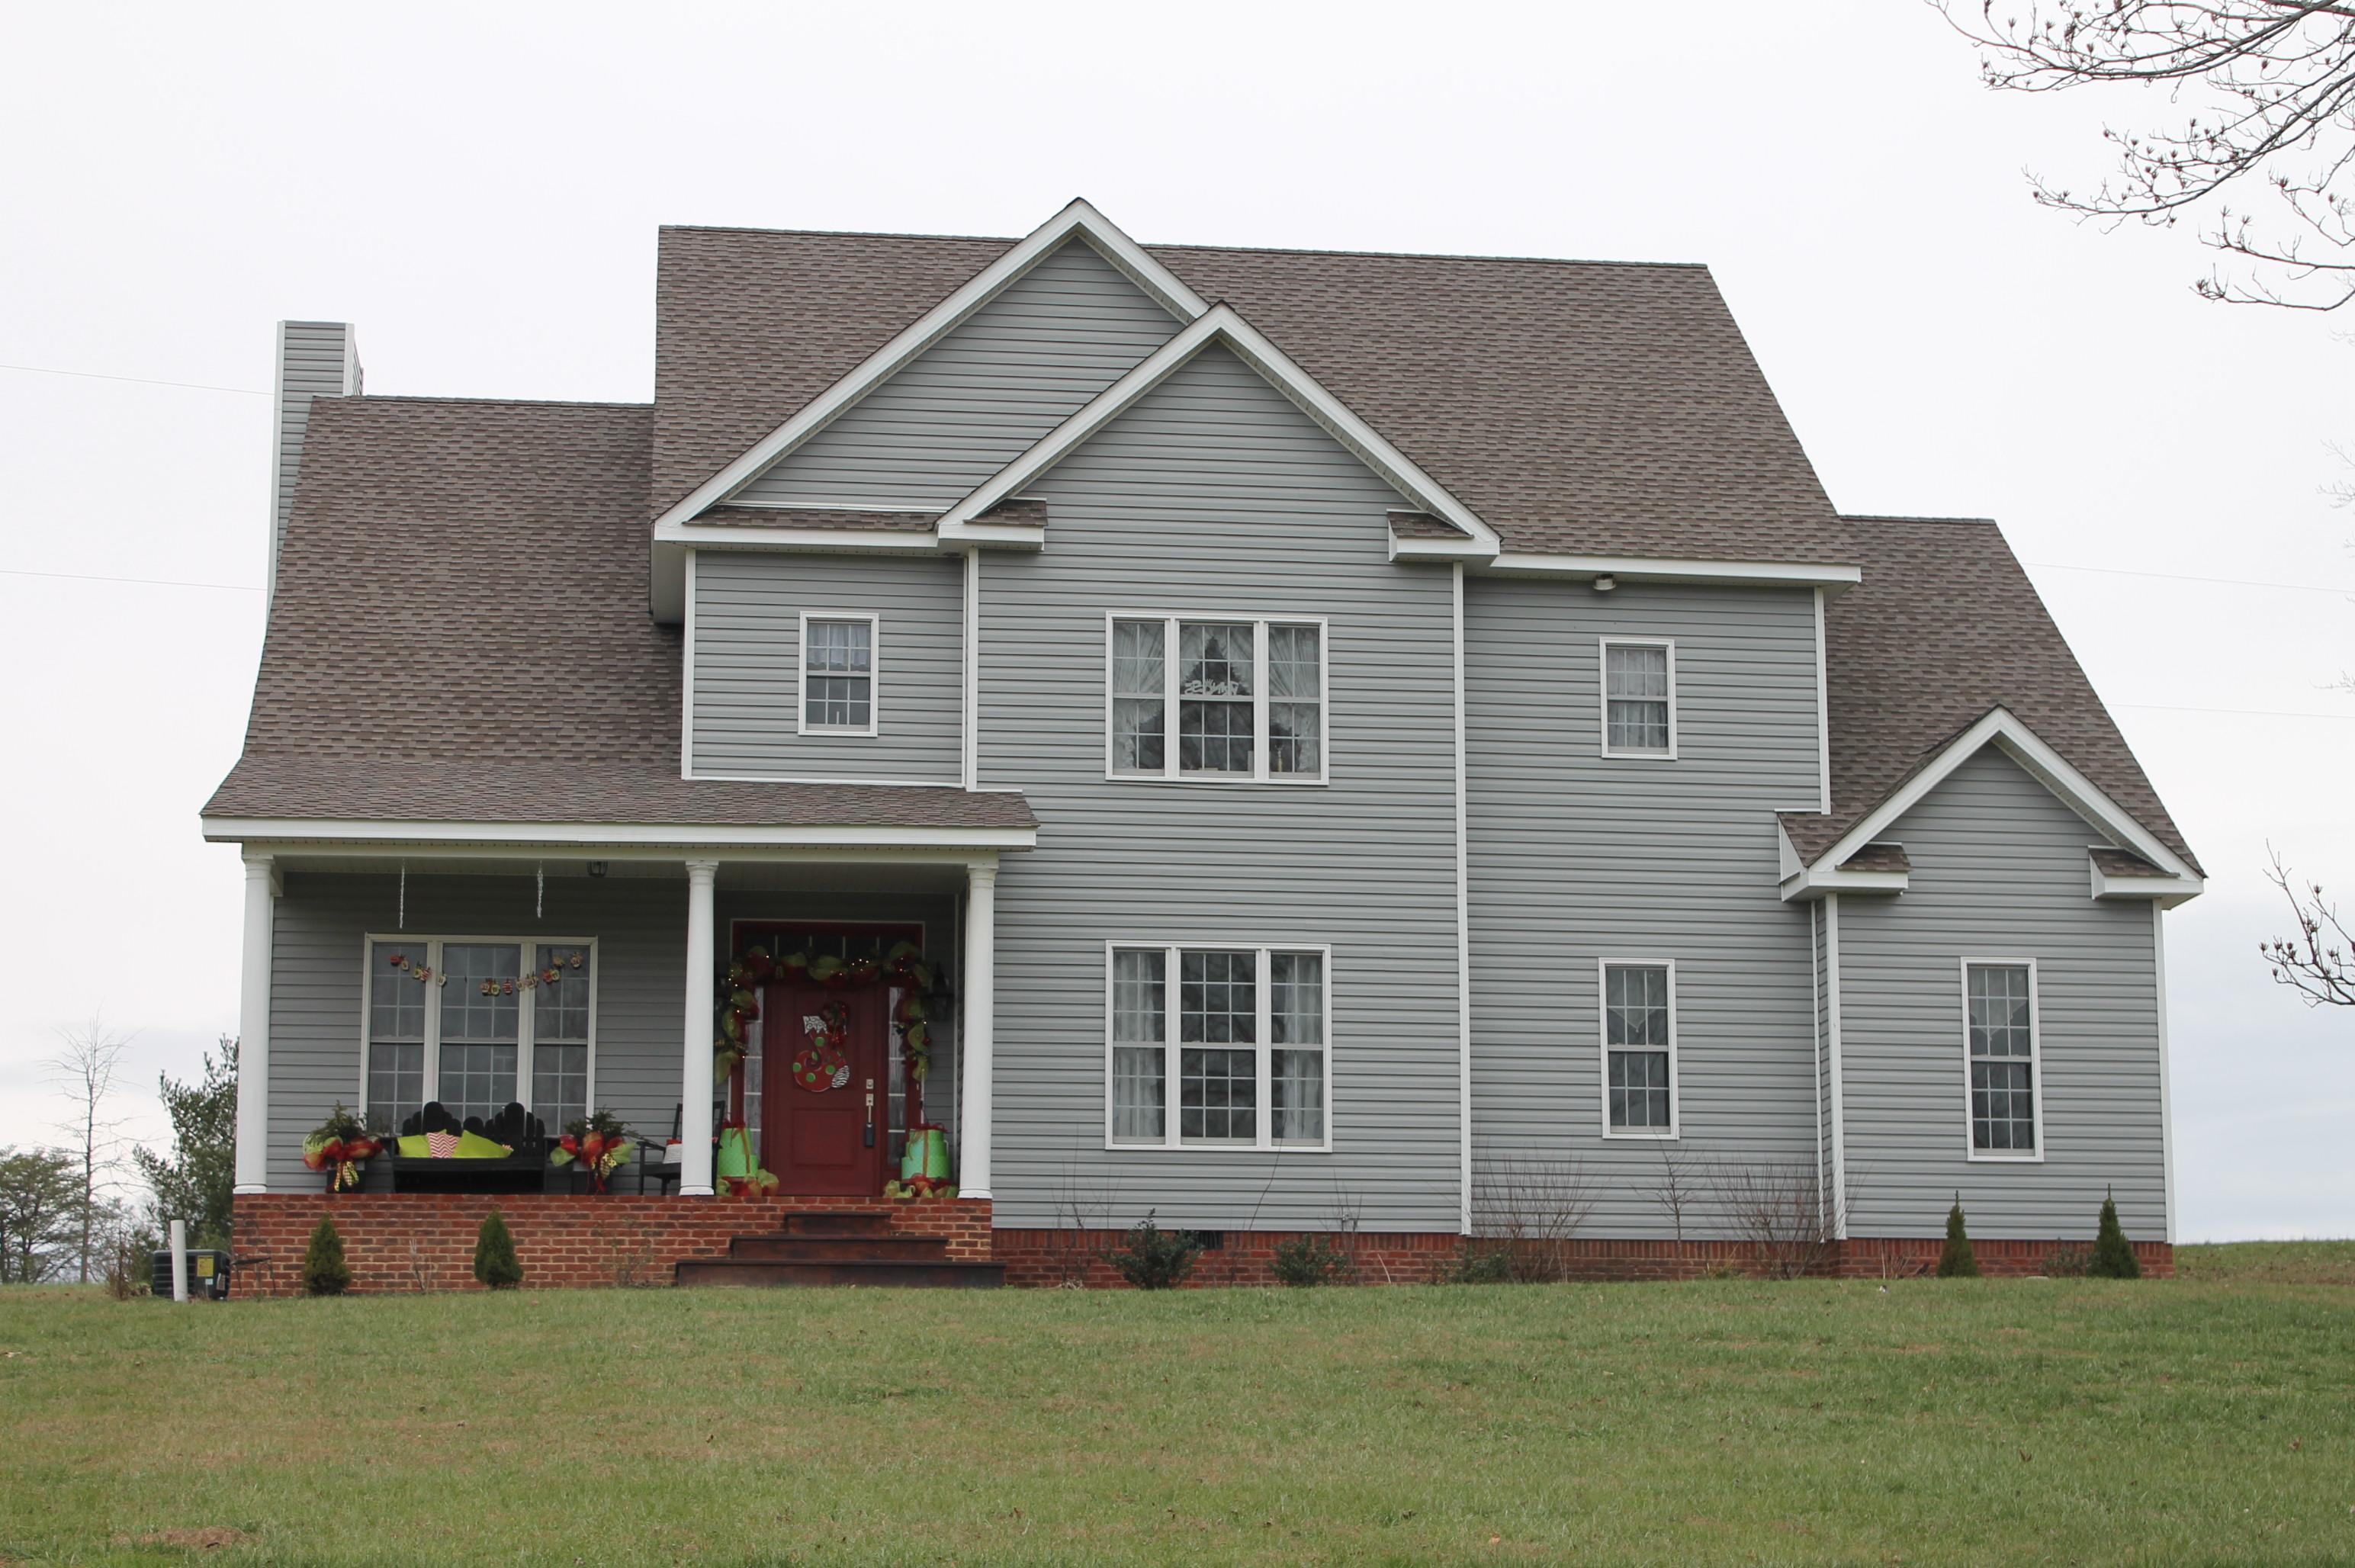 183 Doe Valley Drive, Clay City, Kentucky 40312